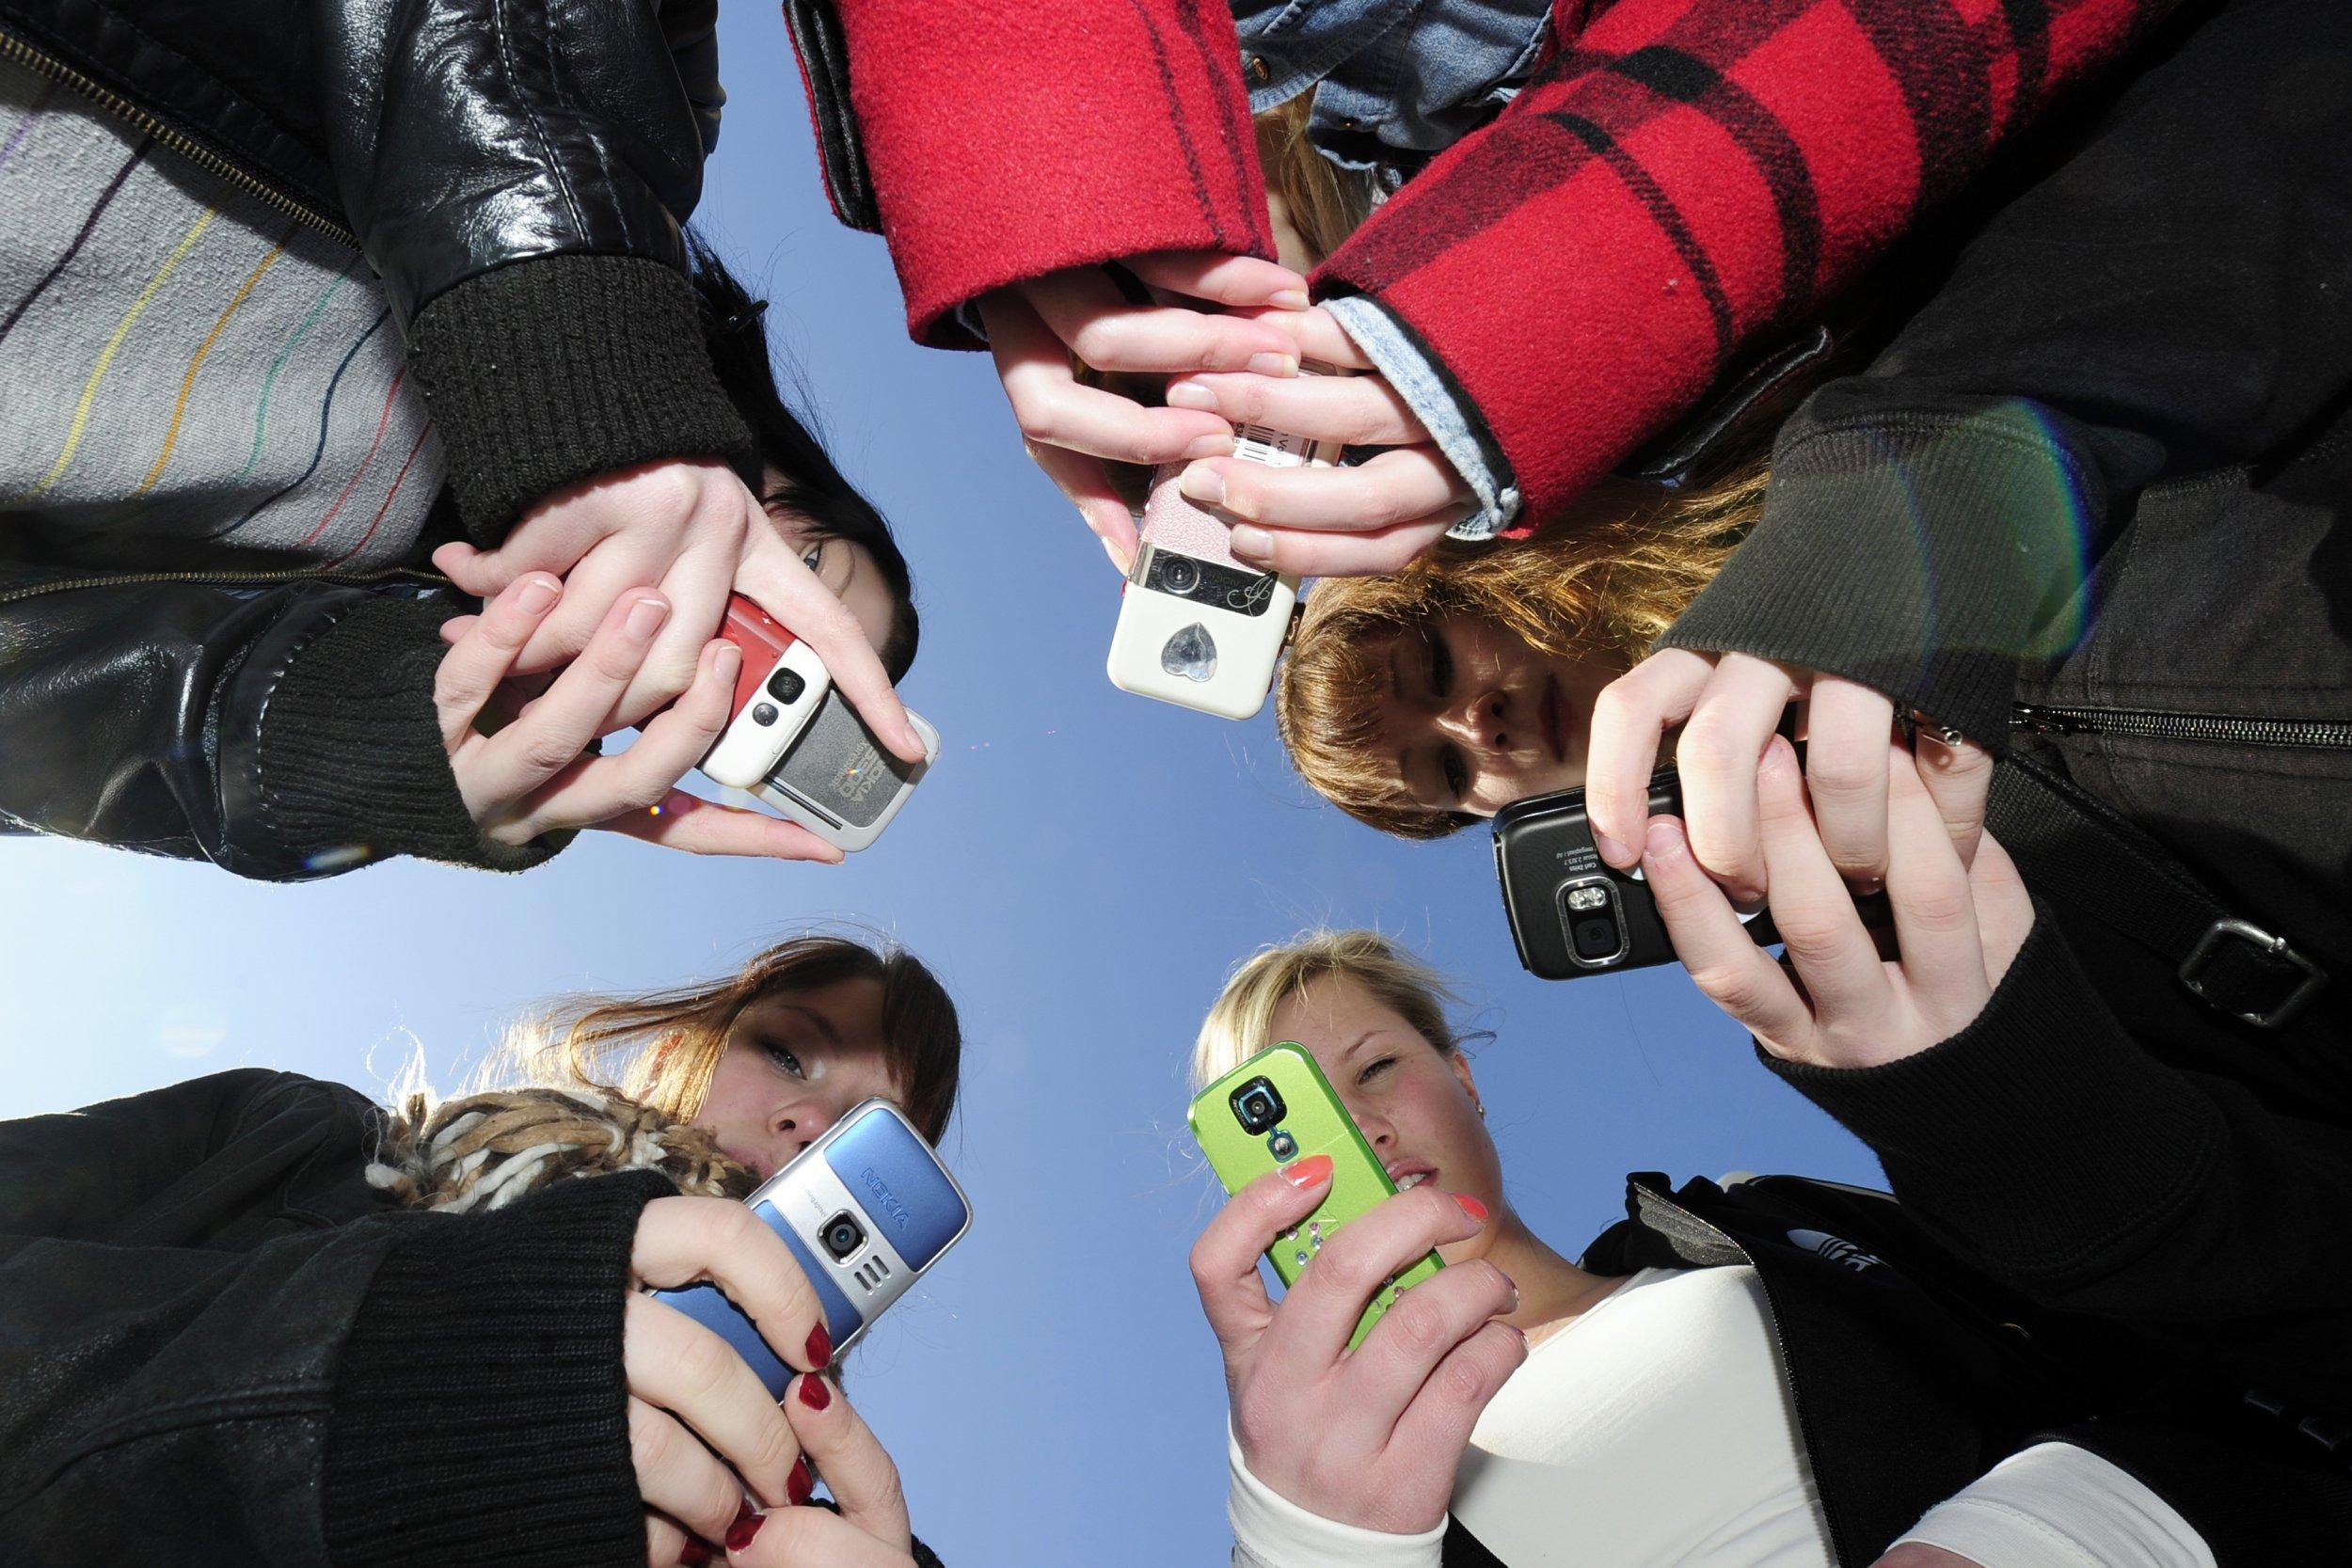 teen phones finland